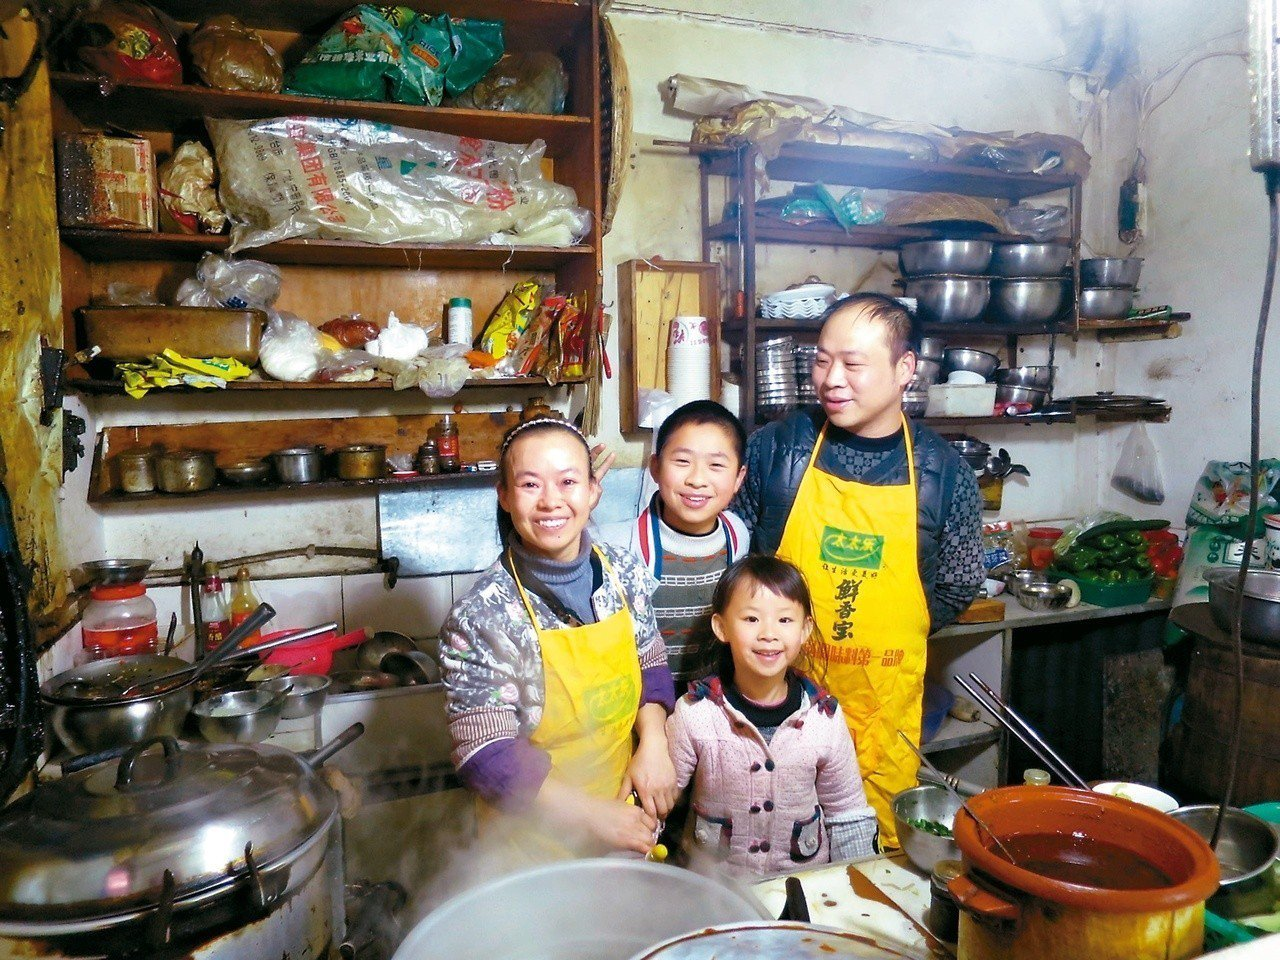 儘管小吃店空間狹小,但一家人窩在一起的滿足笑容,才是最重要的。 攝影/周育如